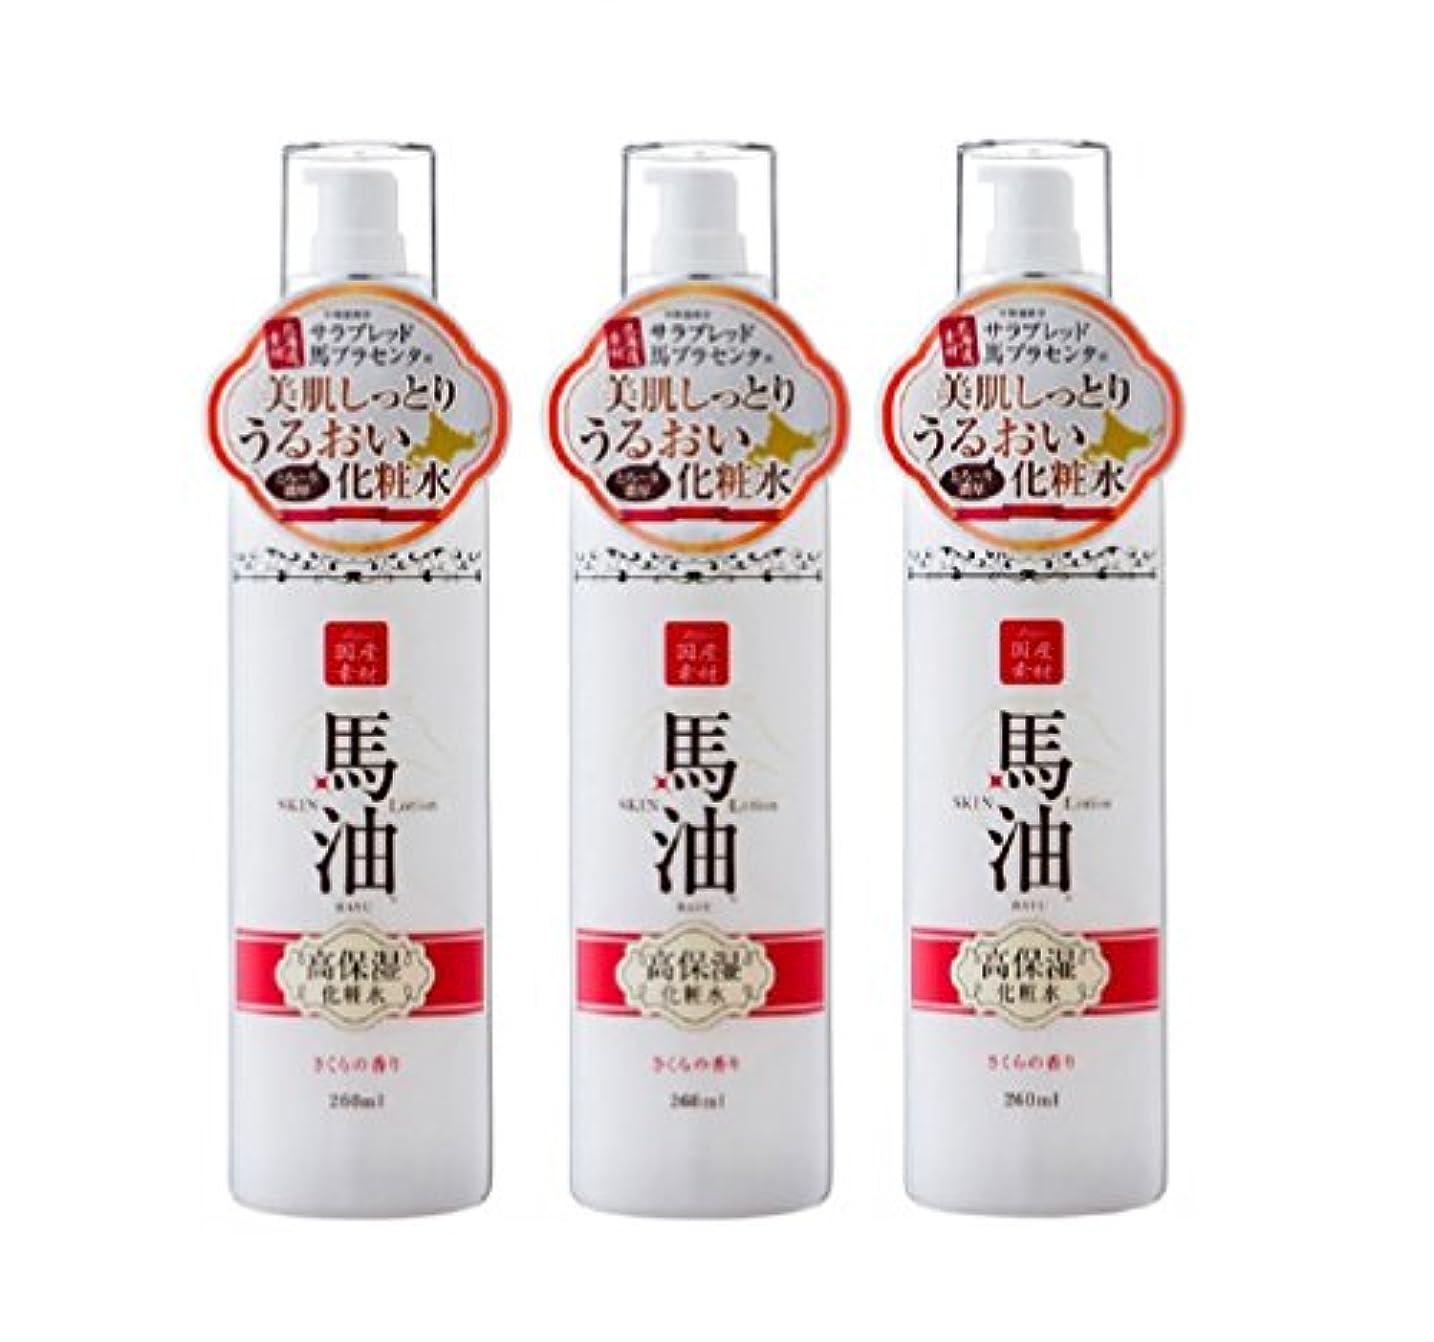 適応書道急降下リシャン 馬油化粧水 さくらの香り 260ml×3本セット